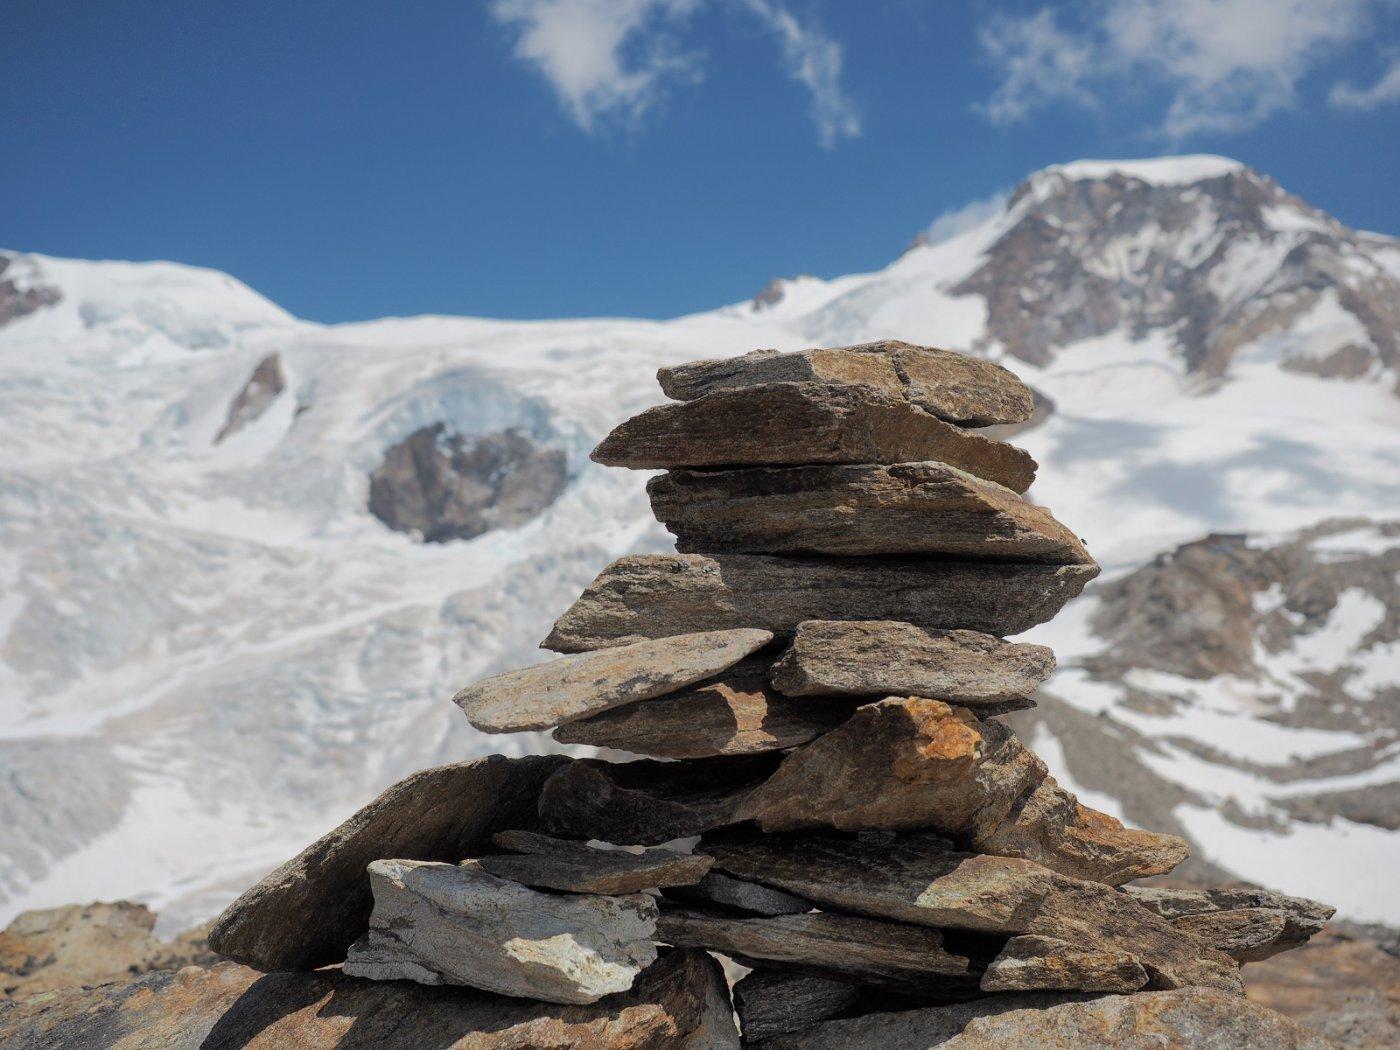 Ometto della cima a 3348 m con Piramide Vincent sullo sfondo